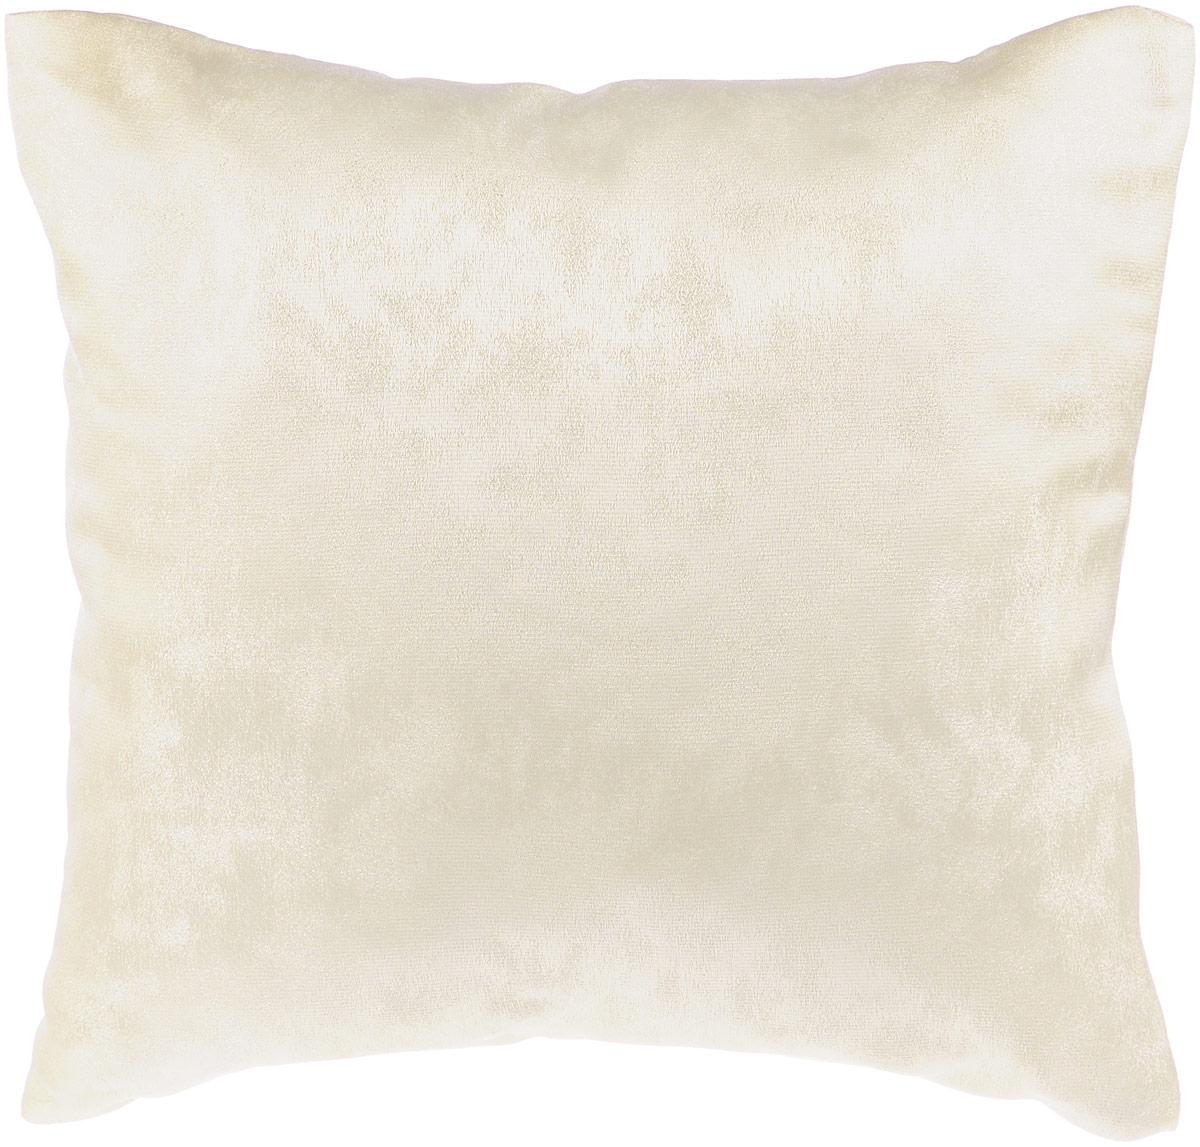 Подушка декоративная KauffOrt Магия, цвет: кремовый, 40 x 40 см3121909611Декоративная подушка Магия прекрасно дополнит интерьер спальни или гостиной. Приятный на ощупь чехол подушки выполнен из полиэстера. Внутри находится мягкий наполнитель. Чехол легко снимается благодаря потайной молнии в тон ткани.Красивая подушка создаст атмосферу уюта и комфорта в спальне и станет прекрасным элементом декора.